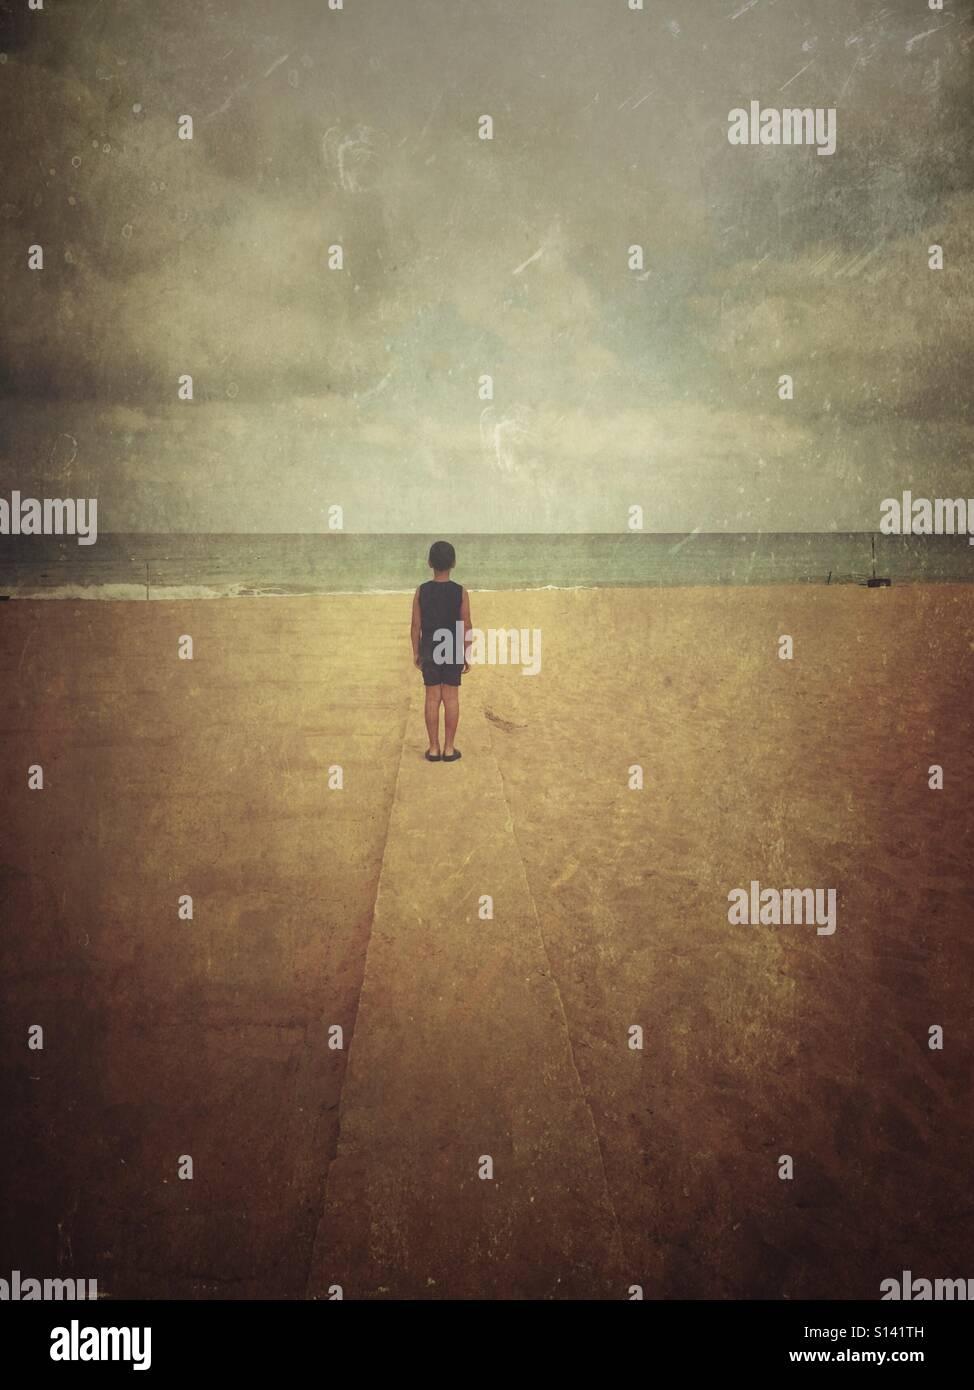 Lone rapaz na praia Imagens de Stock